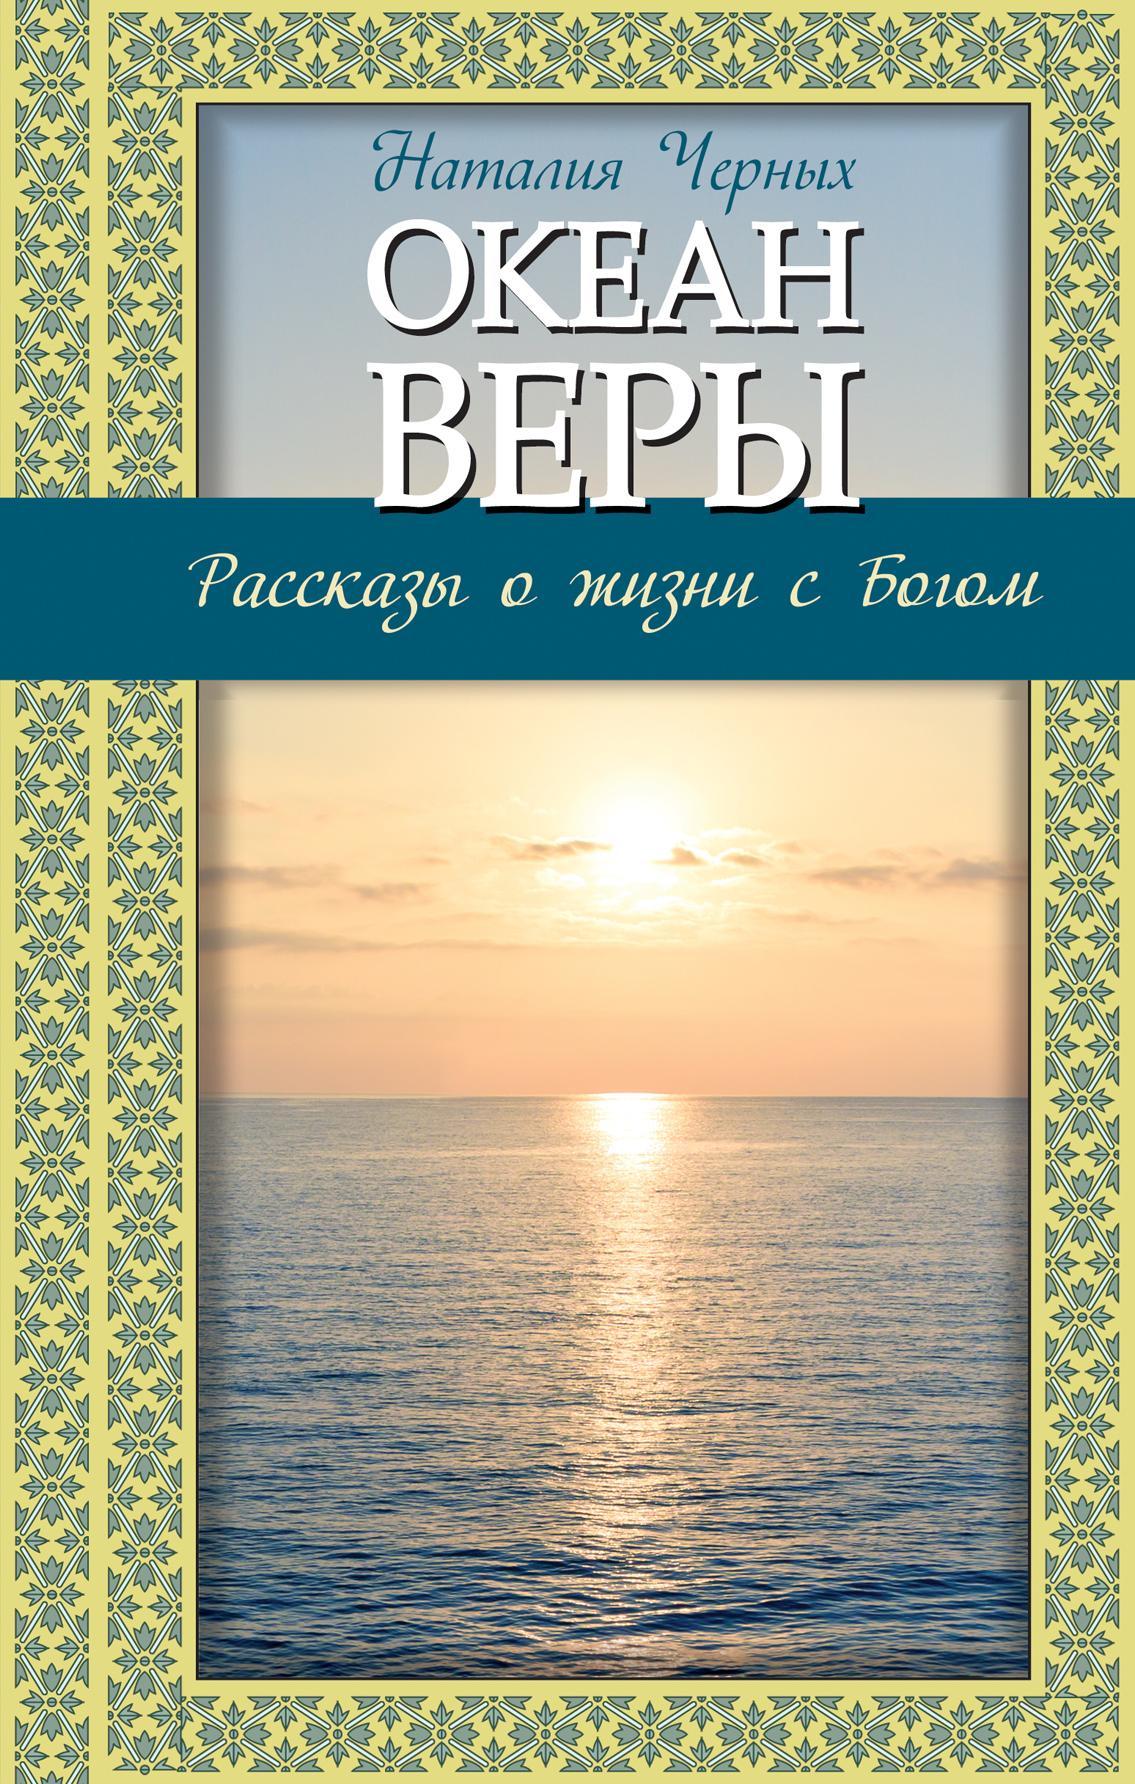 Черных Н.Б. Океан веры: Рассказы о жизни с Богом коровин в океан бога